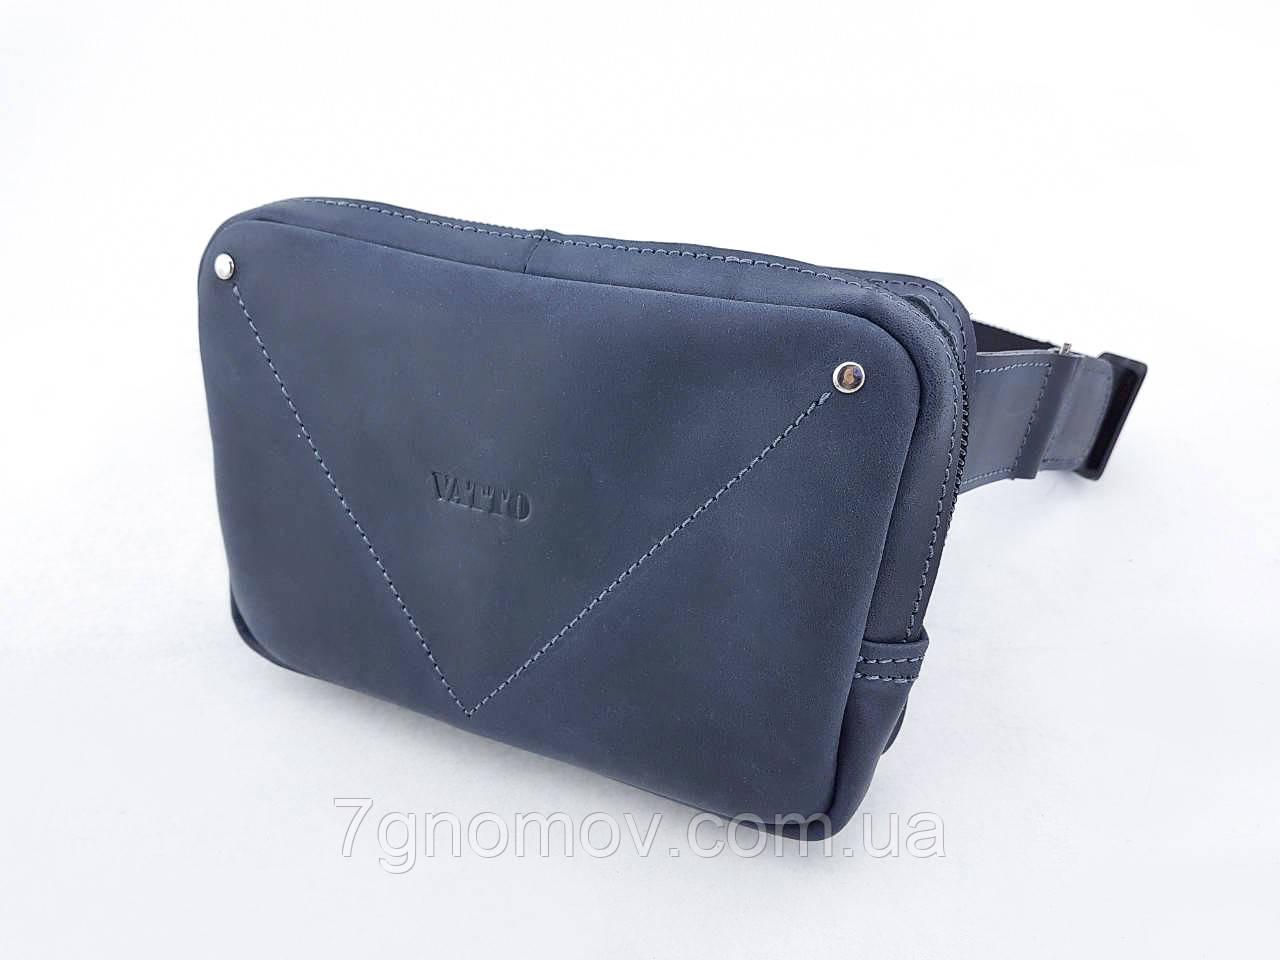 Мужская сумка на пояс VATTO Mk70 Kr600